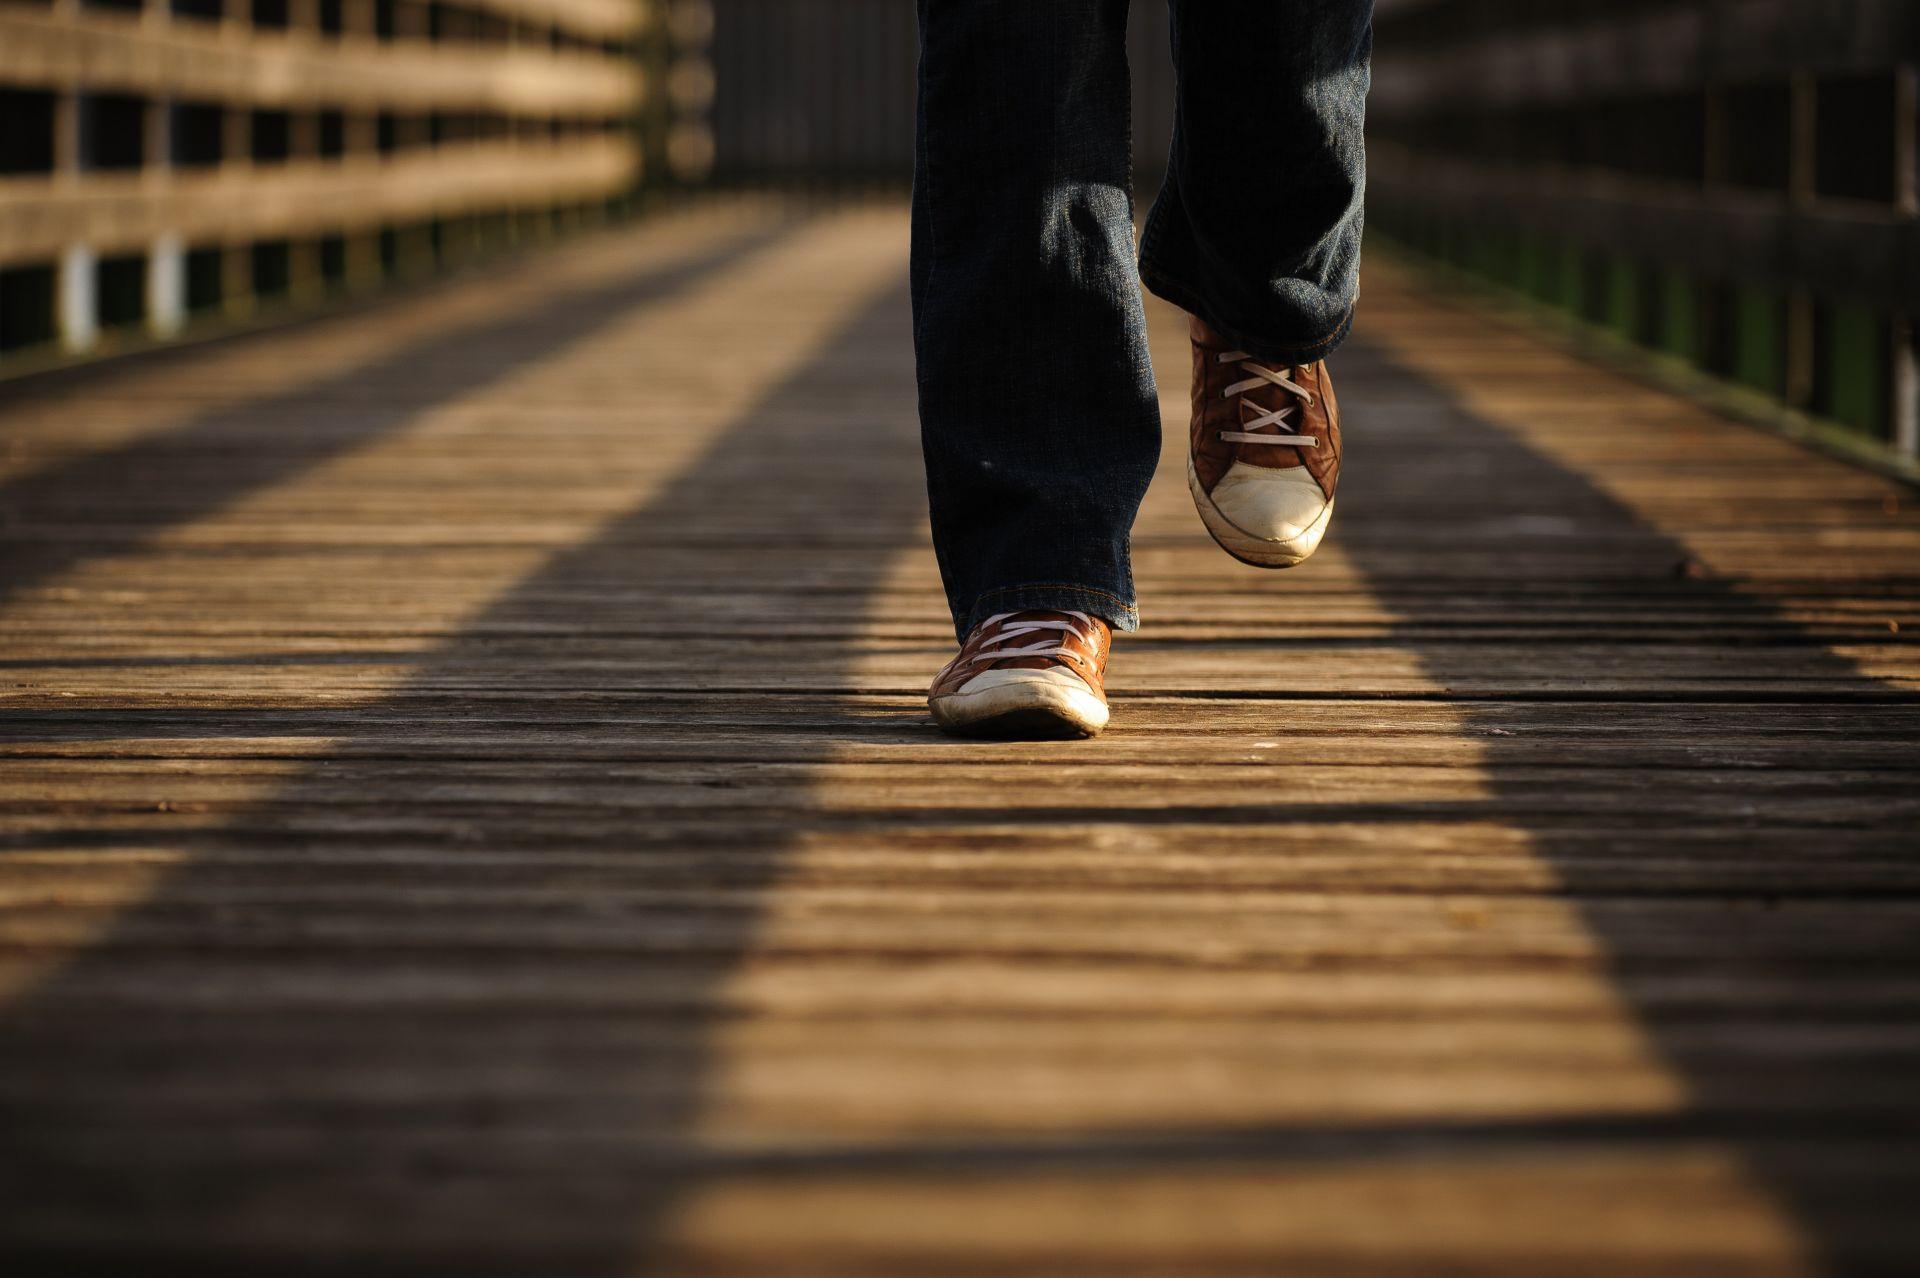 Kuvituskuva, henkilö kävelee puisella sillalla